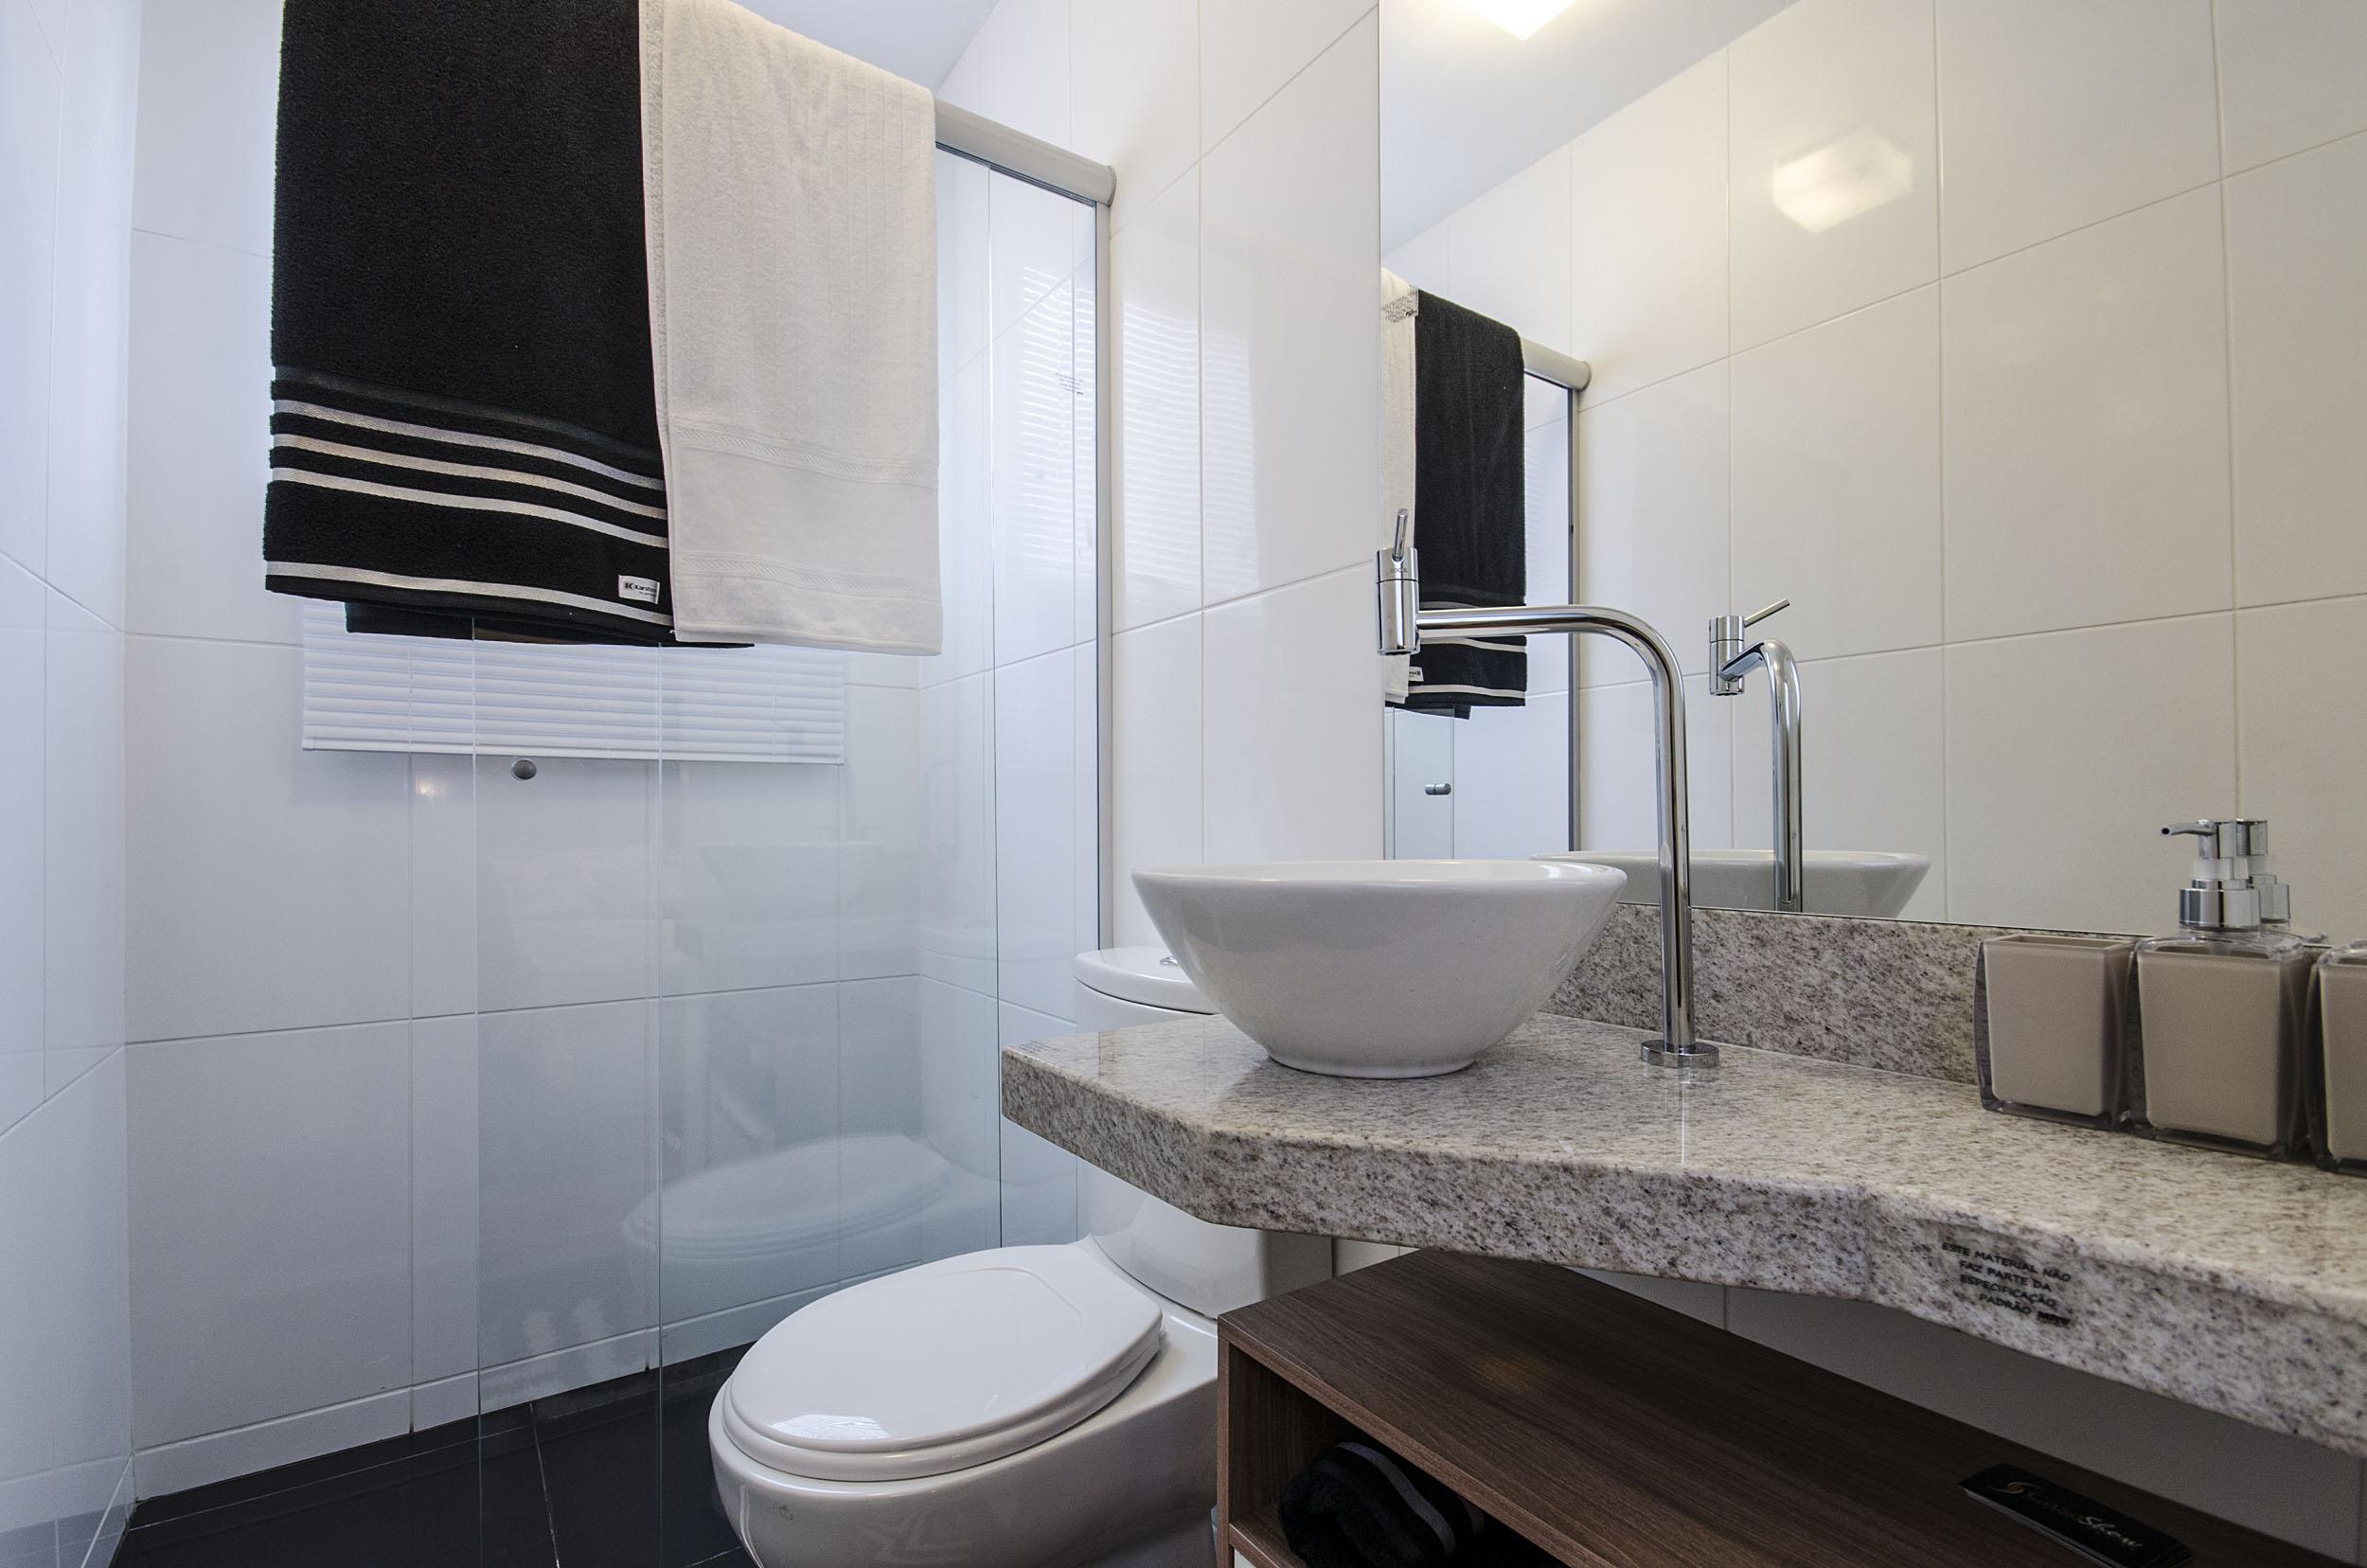 Dicas para decorar o banheiro e o lavabo gastando pouco  Blog Corporativo MR -> Banheiro Pequeno Onde Colocar A Lixeira